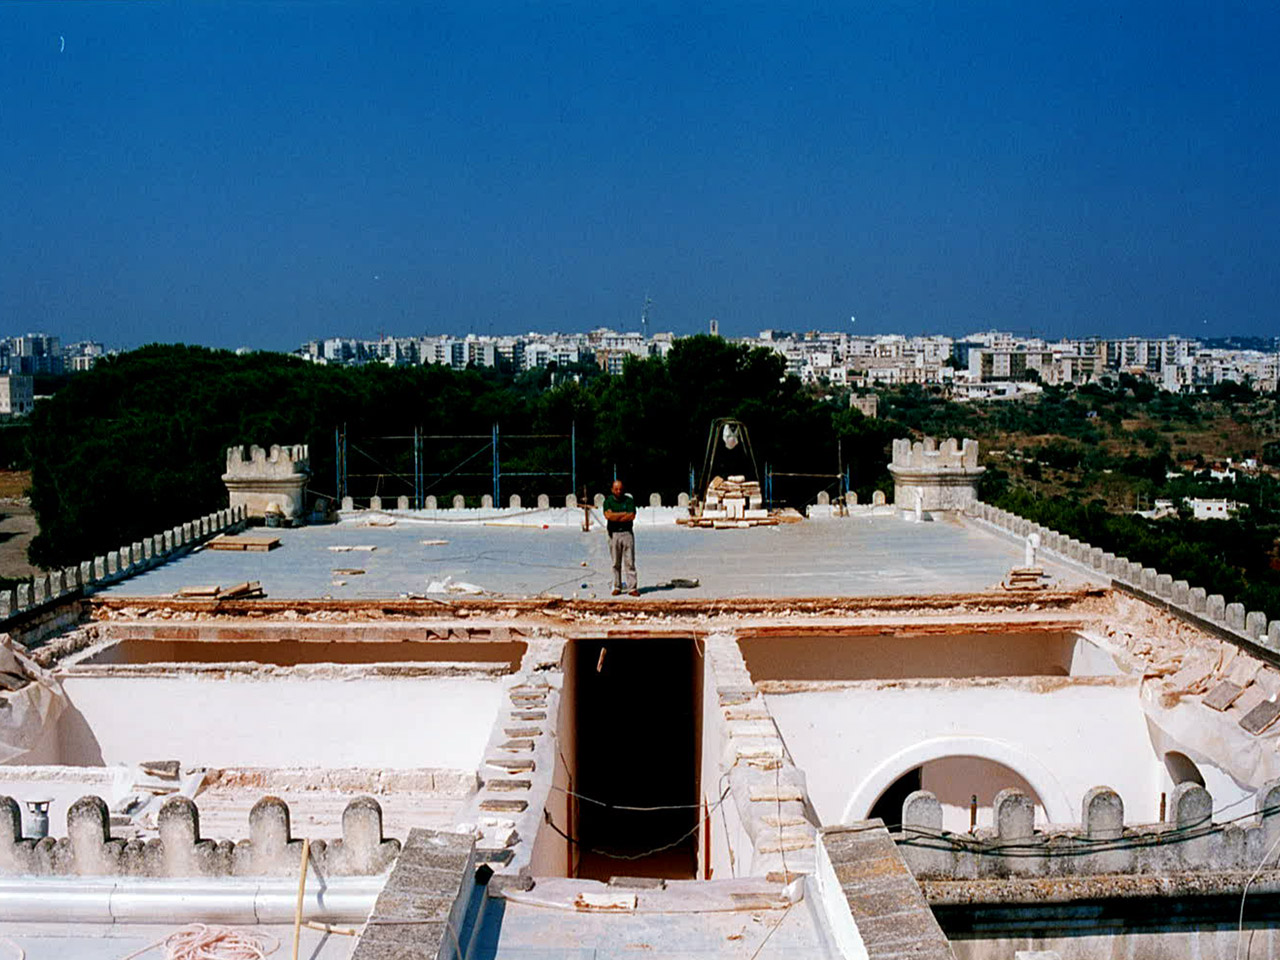 costruzioni restauri sirio ostuni chiesa santa famiglia villa specchia ostuni villaspecchia2